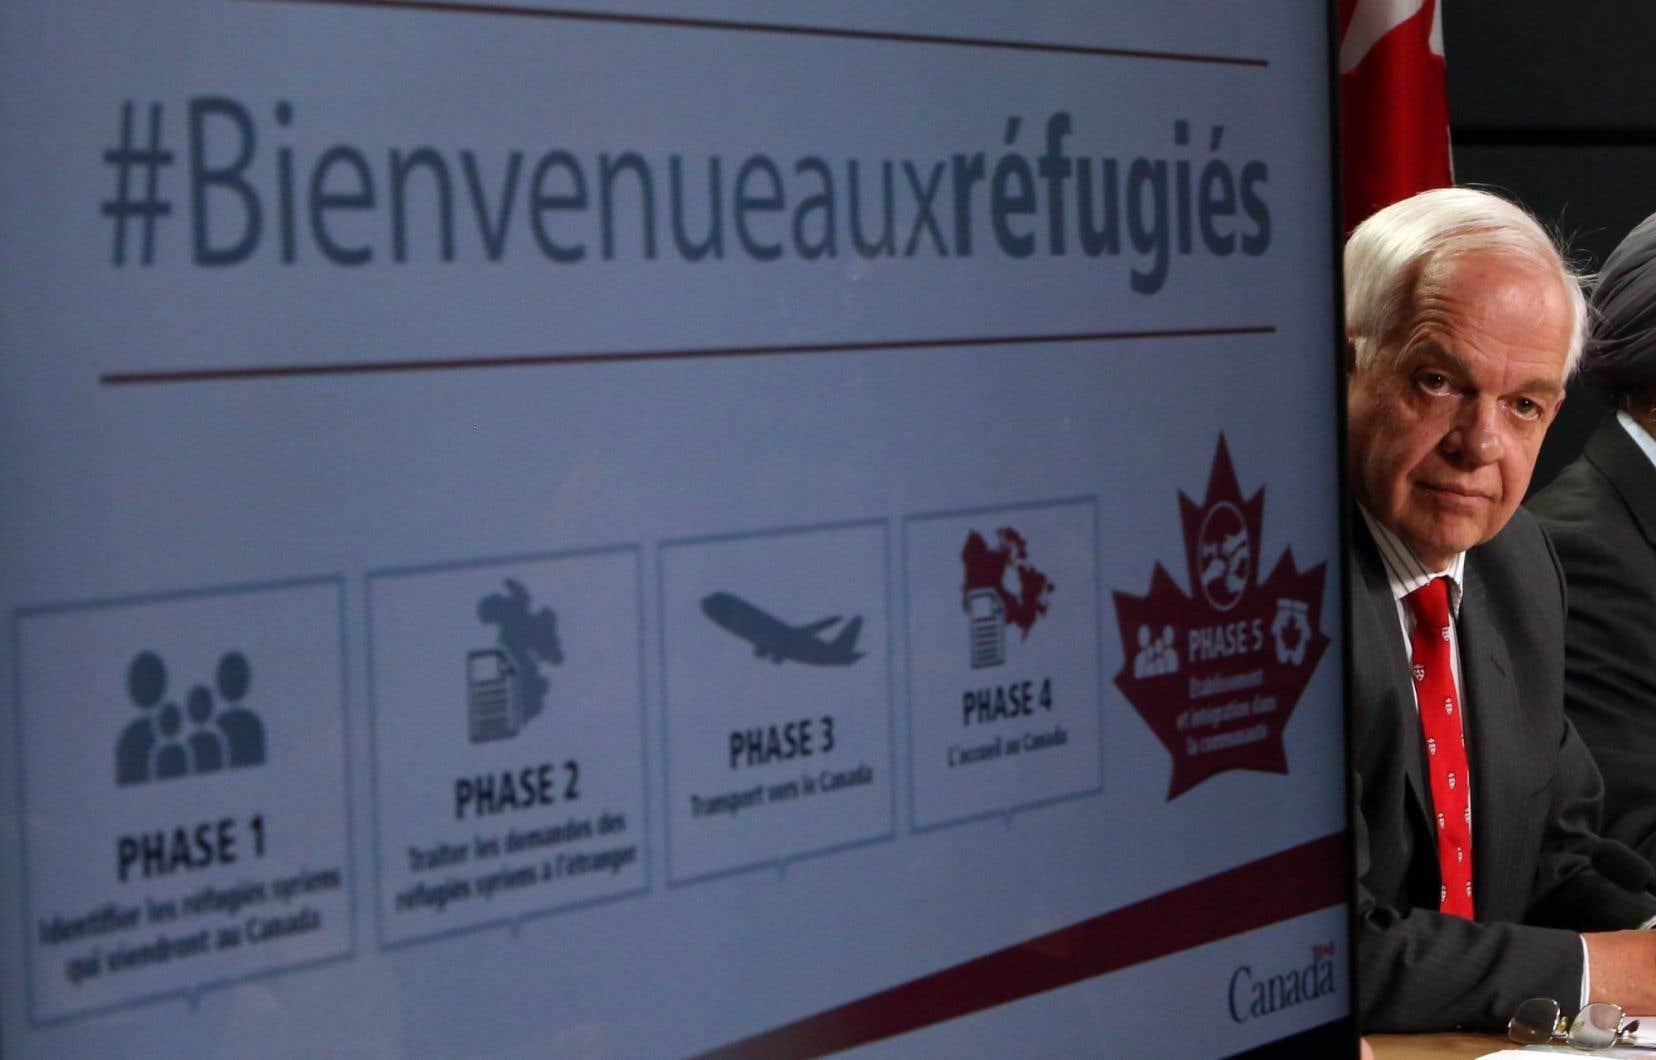 Le ministre de l'Immigration, des Réfugiés et de la Citoyenneté, John McCallum, a évoqué la contribution éventuelle de ces nouveaux arrivants à l'économie du pays, mardi en point de presse.